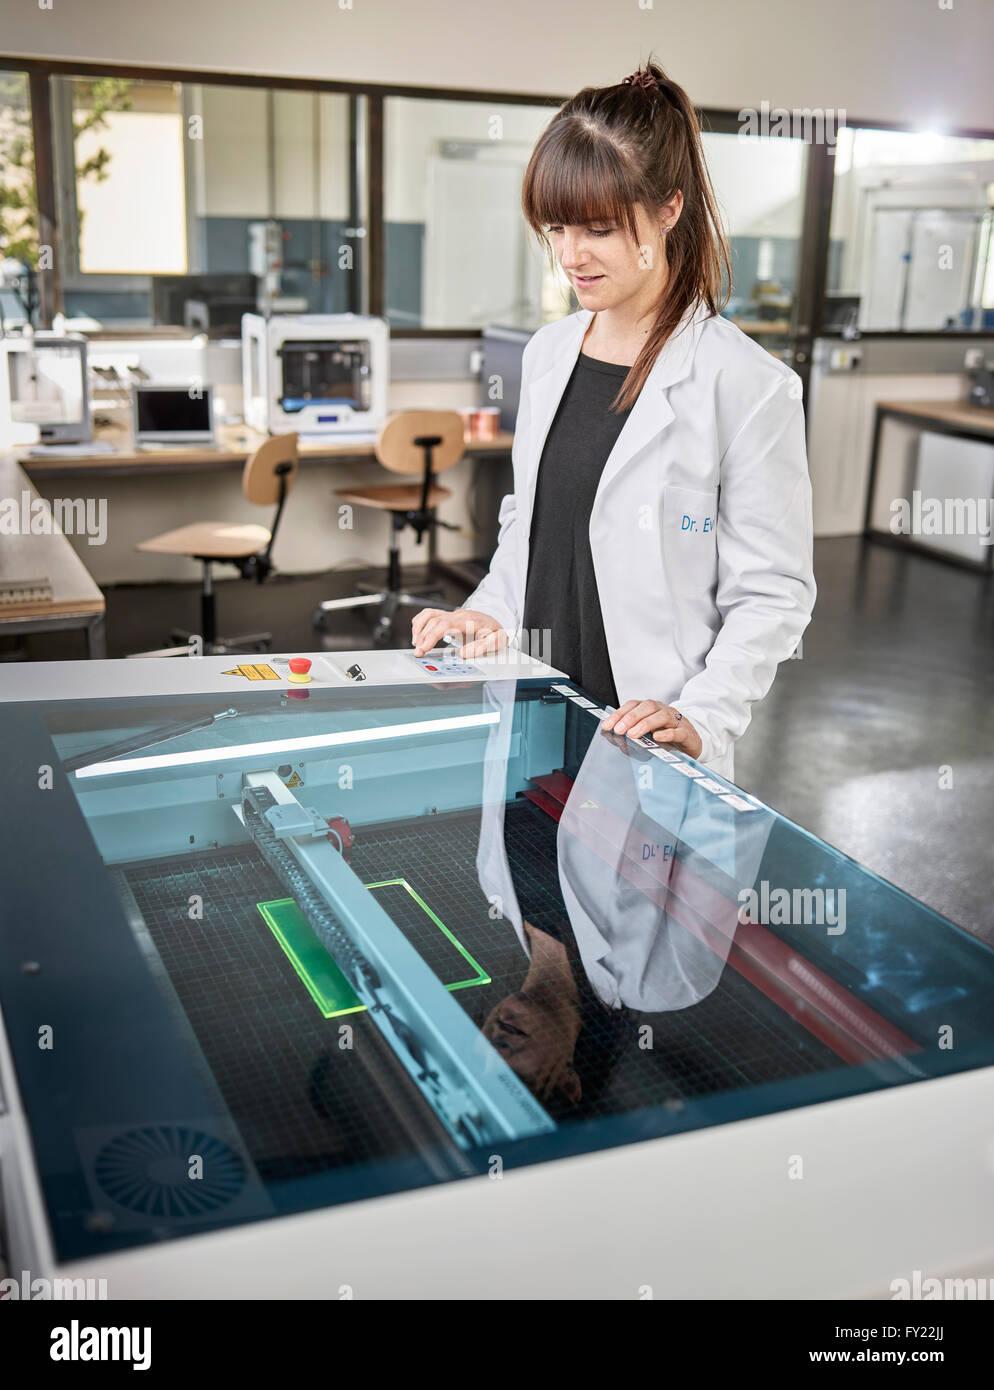 Tecnico femmina, 20-25 anni, con un bianco camice, utilizzando un laser in un laboratorio di elettronica, Wattens Immagini Stock